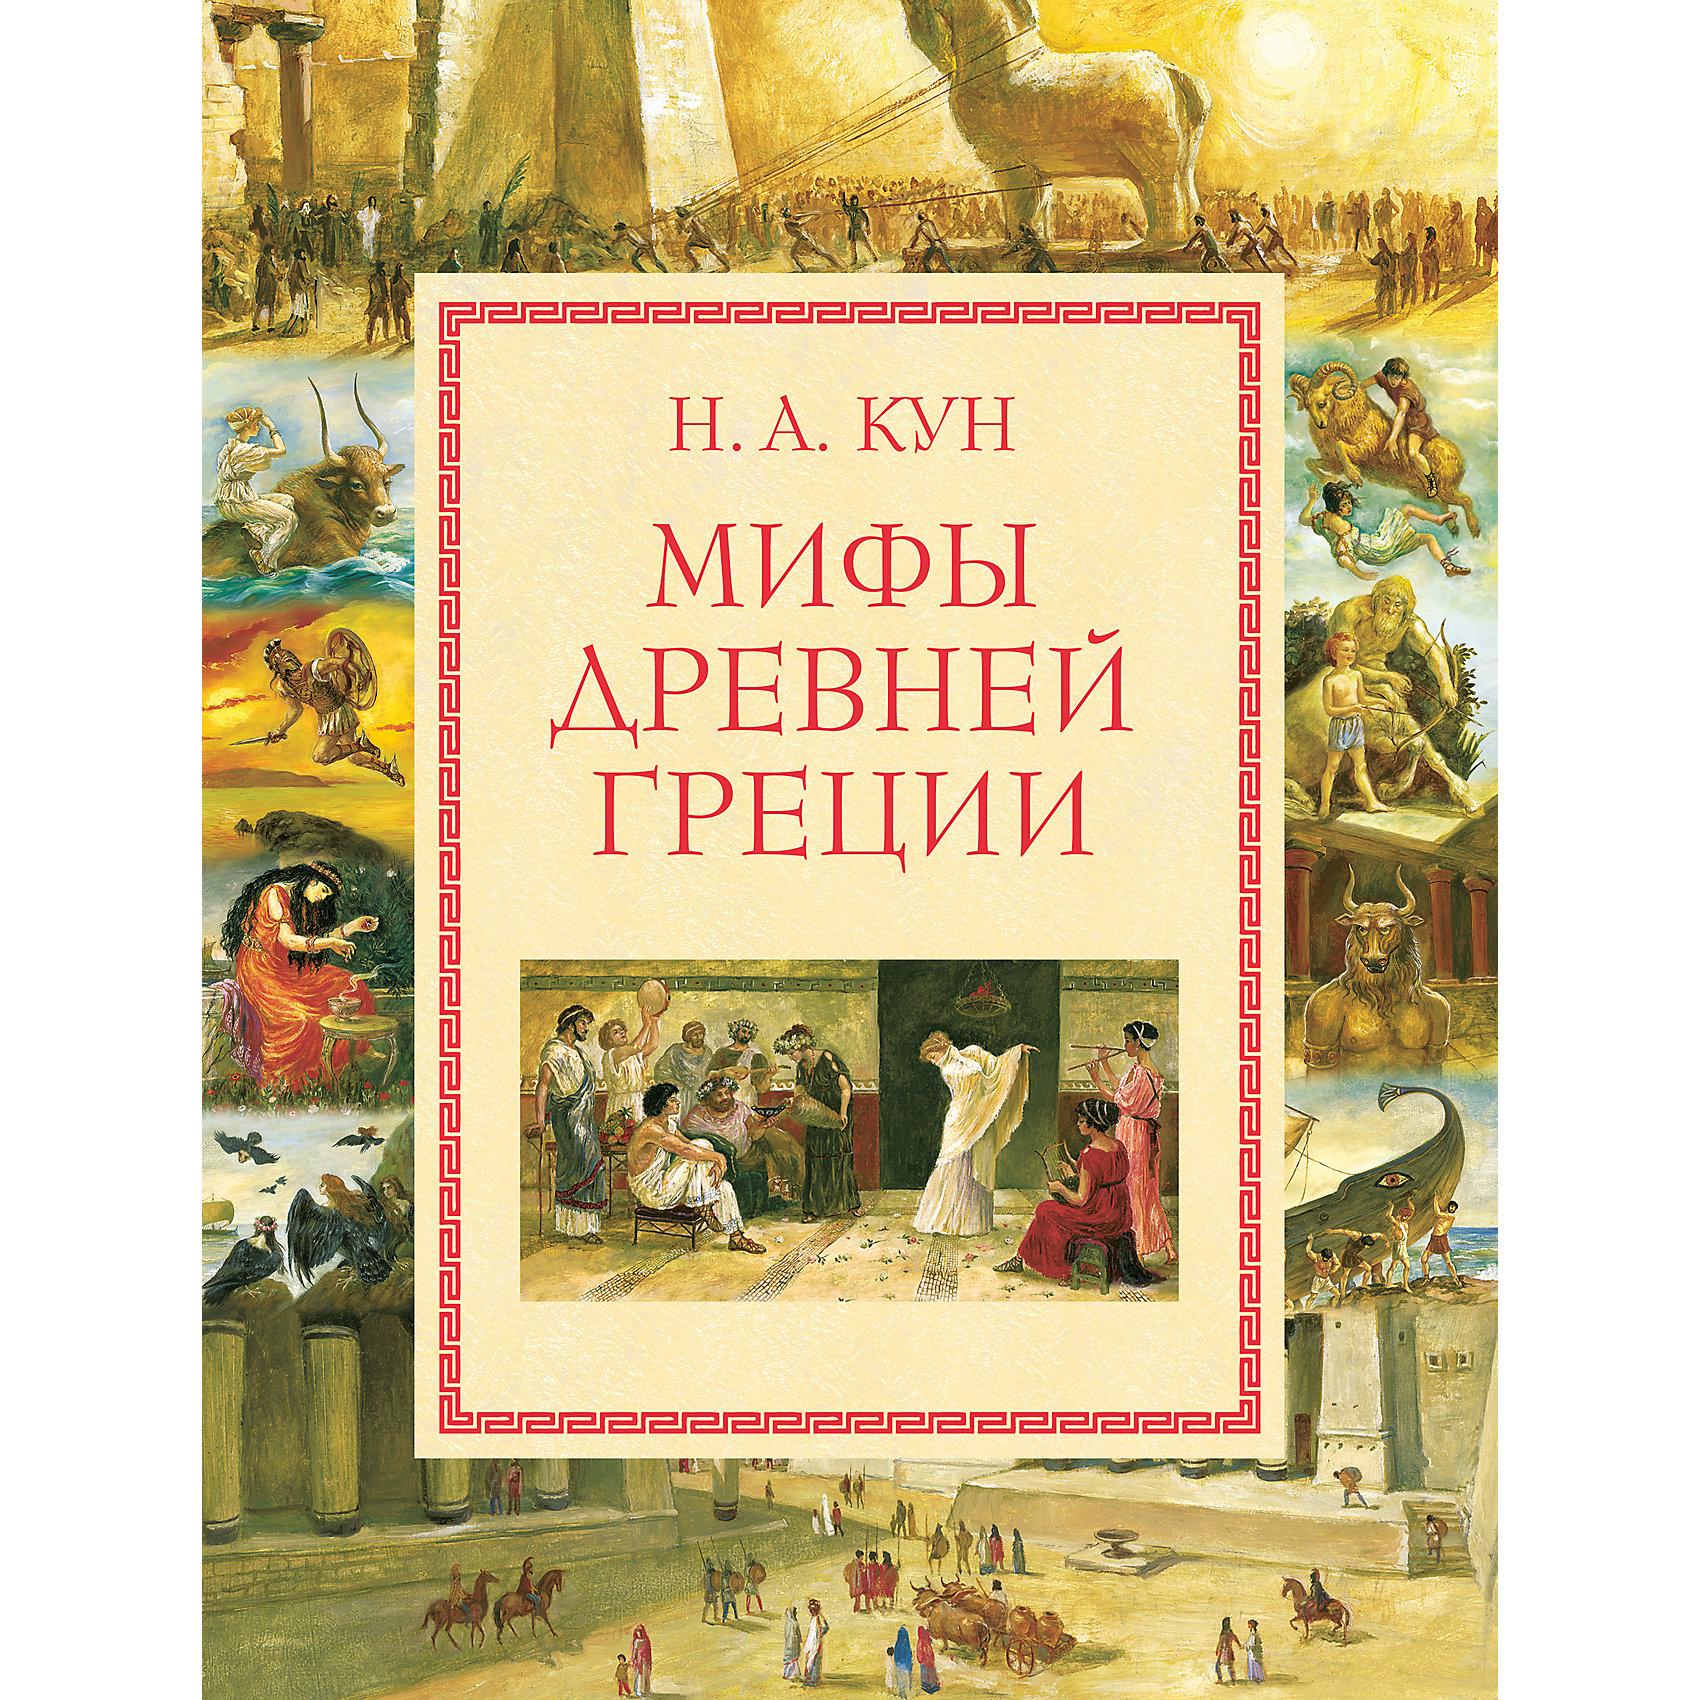 Эксмо Мифы Древней Греции (иллюстрации А. Власовой) купить шубу в греции по интернету